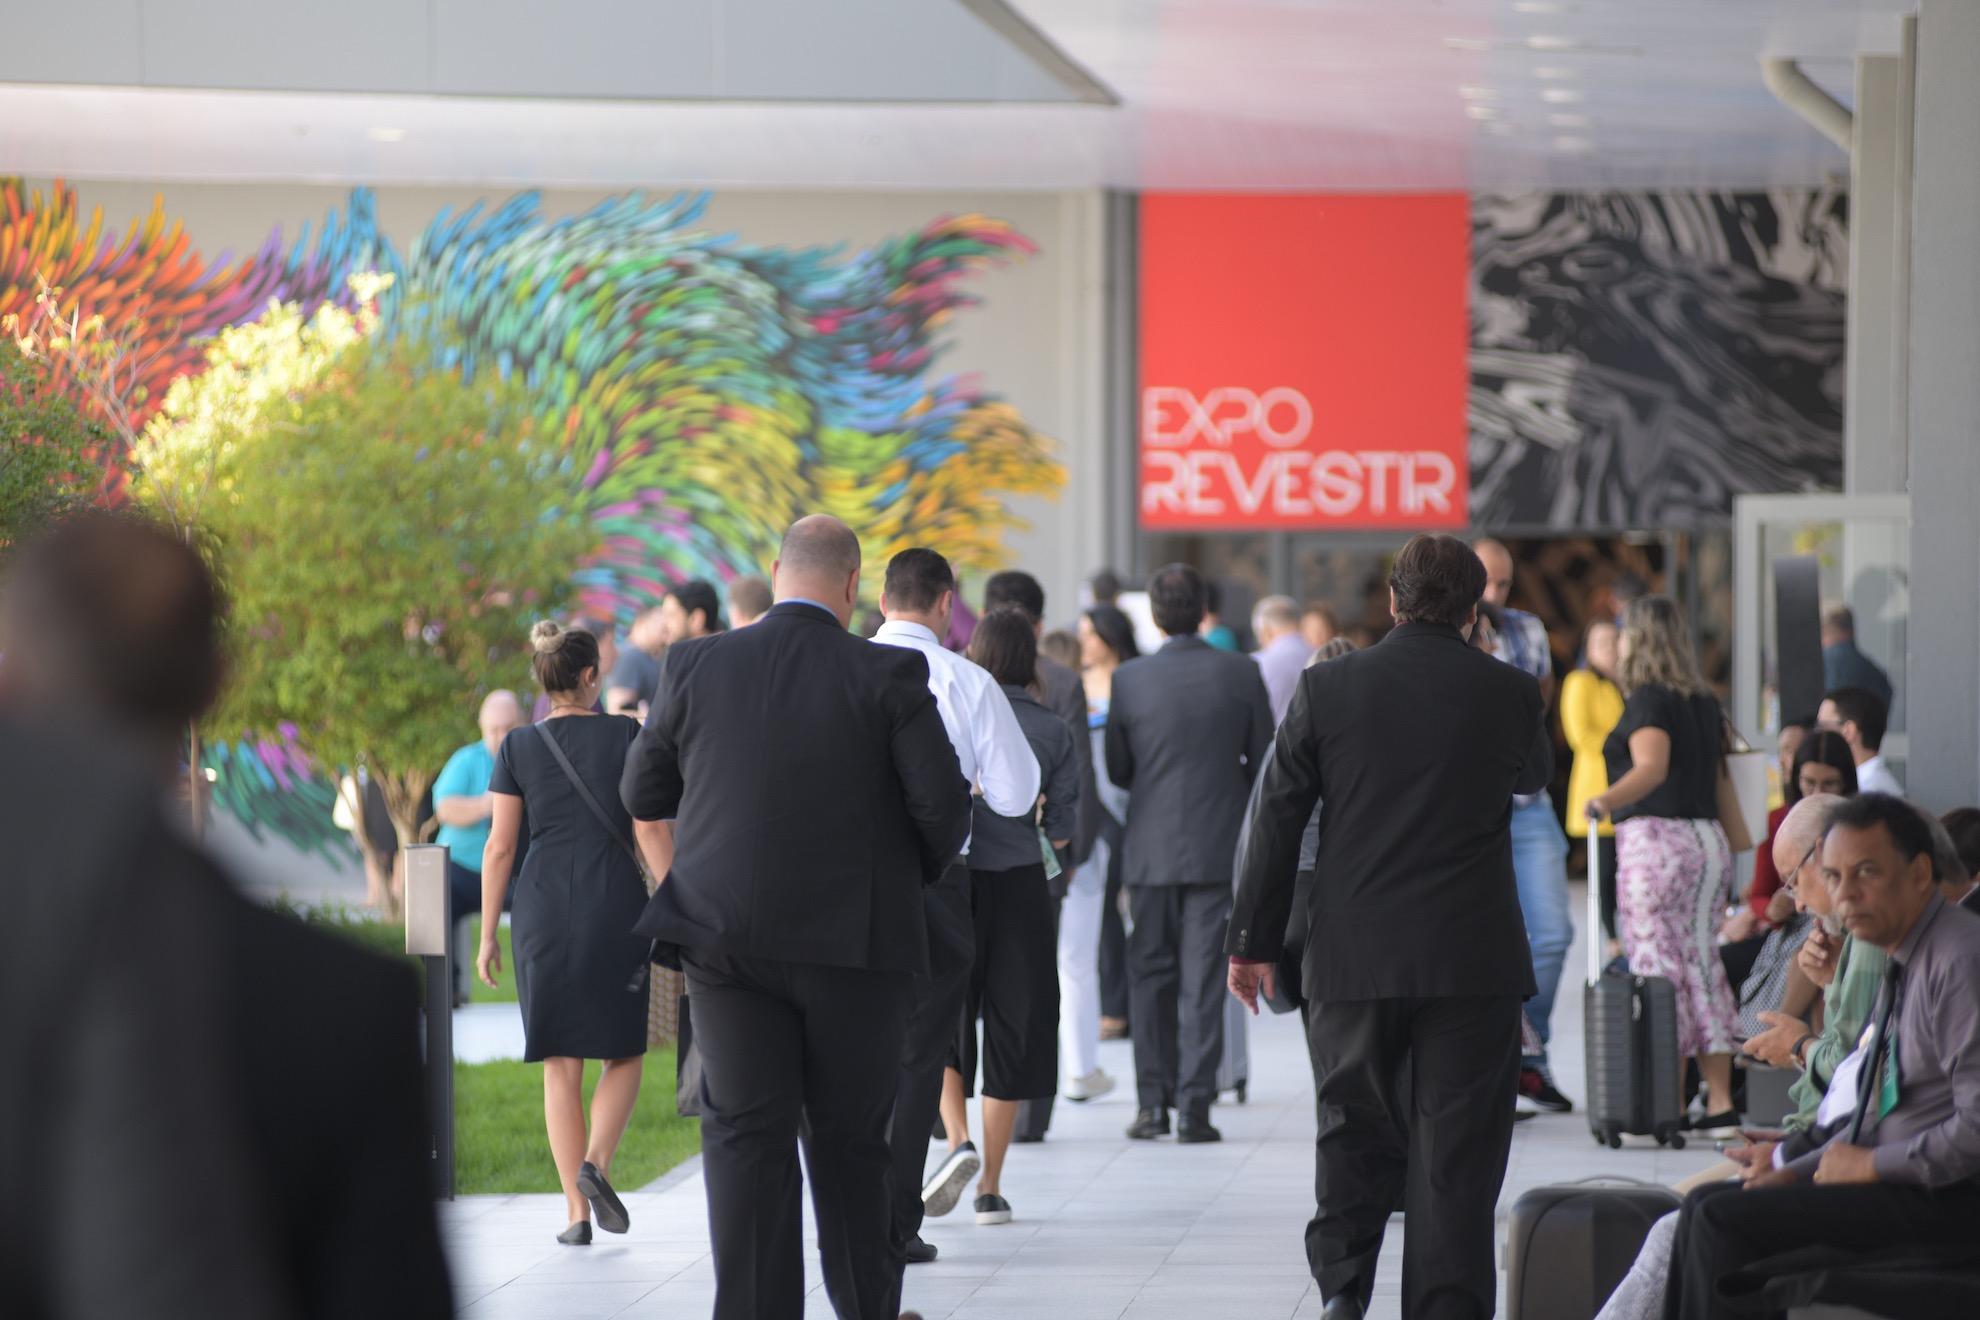 Expo Revestir 2021 acontecerá de forma 100% virtual. Vem saber!